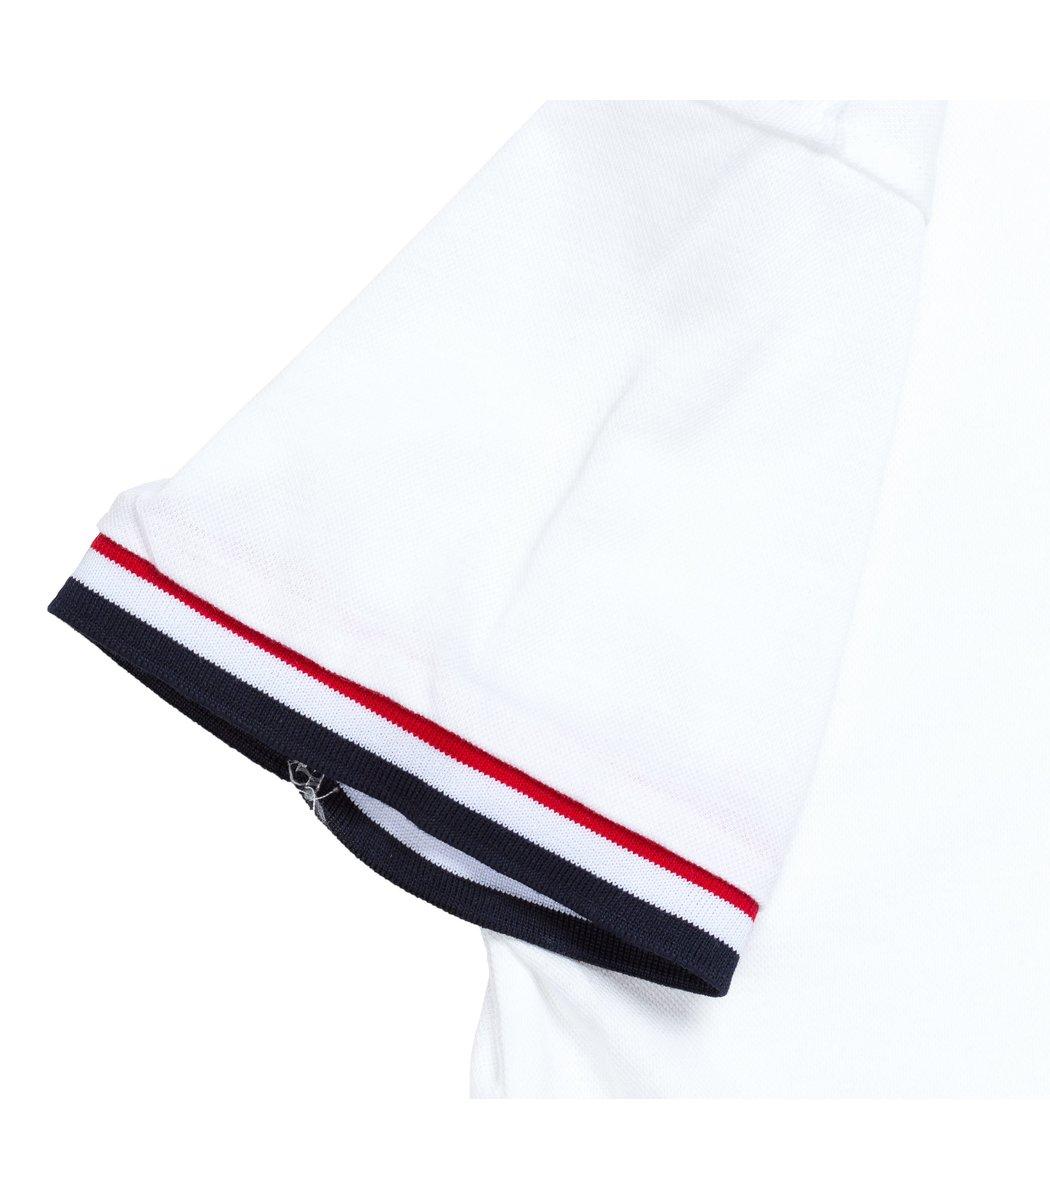 Мужская белая футболка поло Tommy Hilfiger - белый - Вид 5